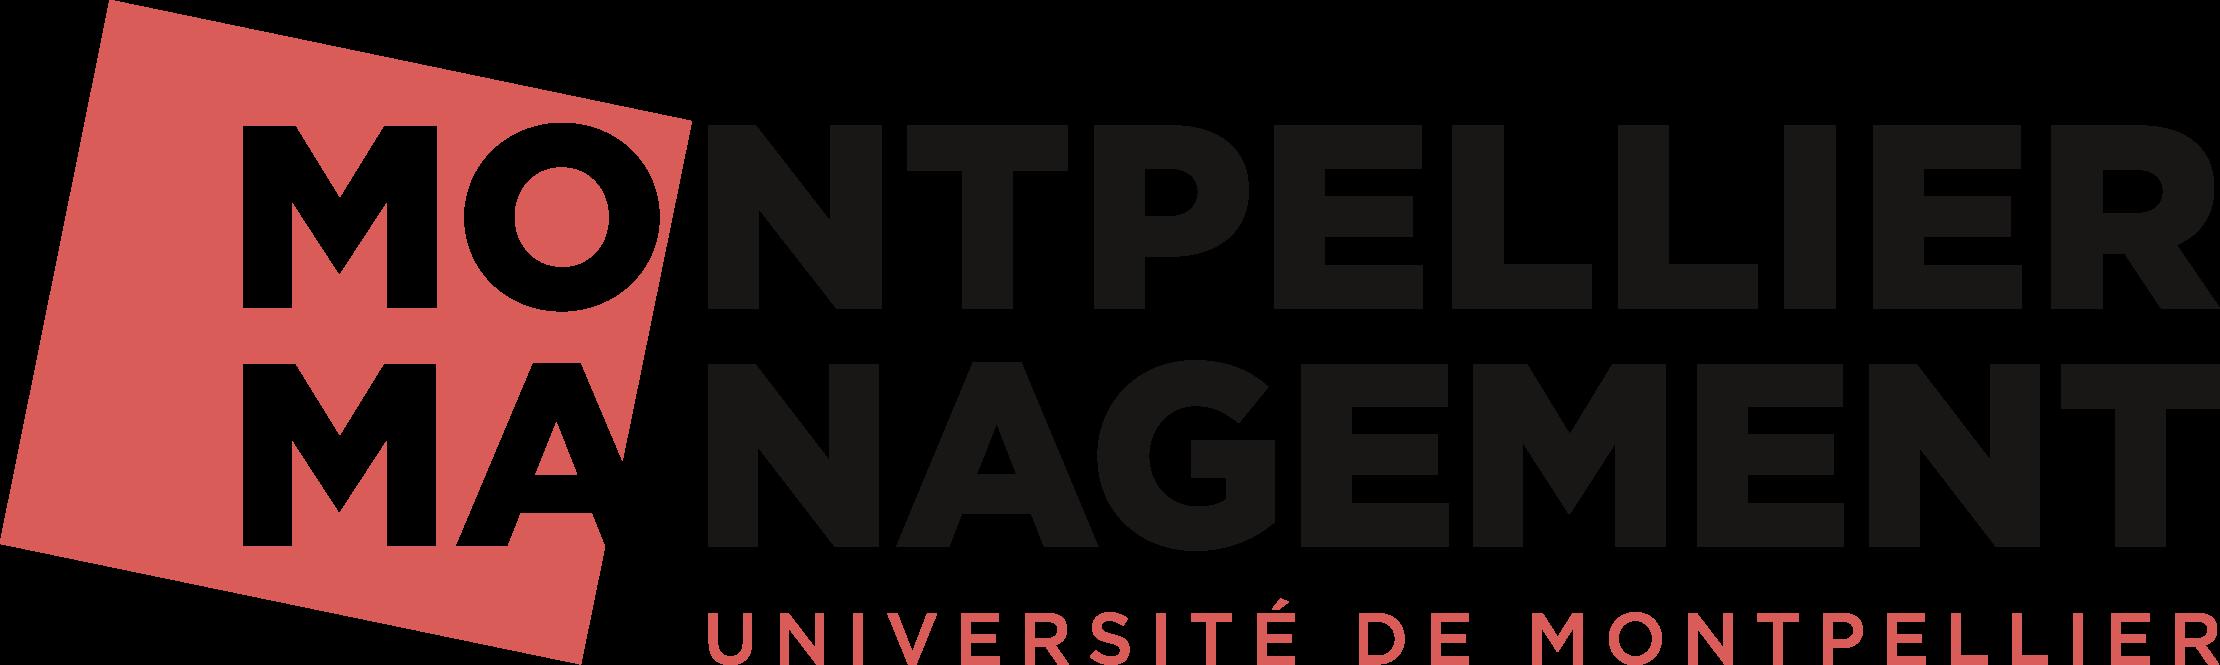 Logo Montpellier Management partenaire Mas Du Cheval